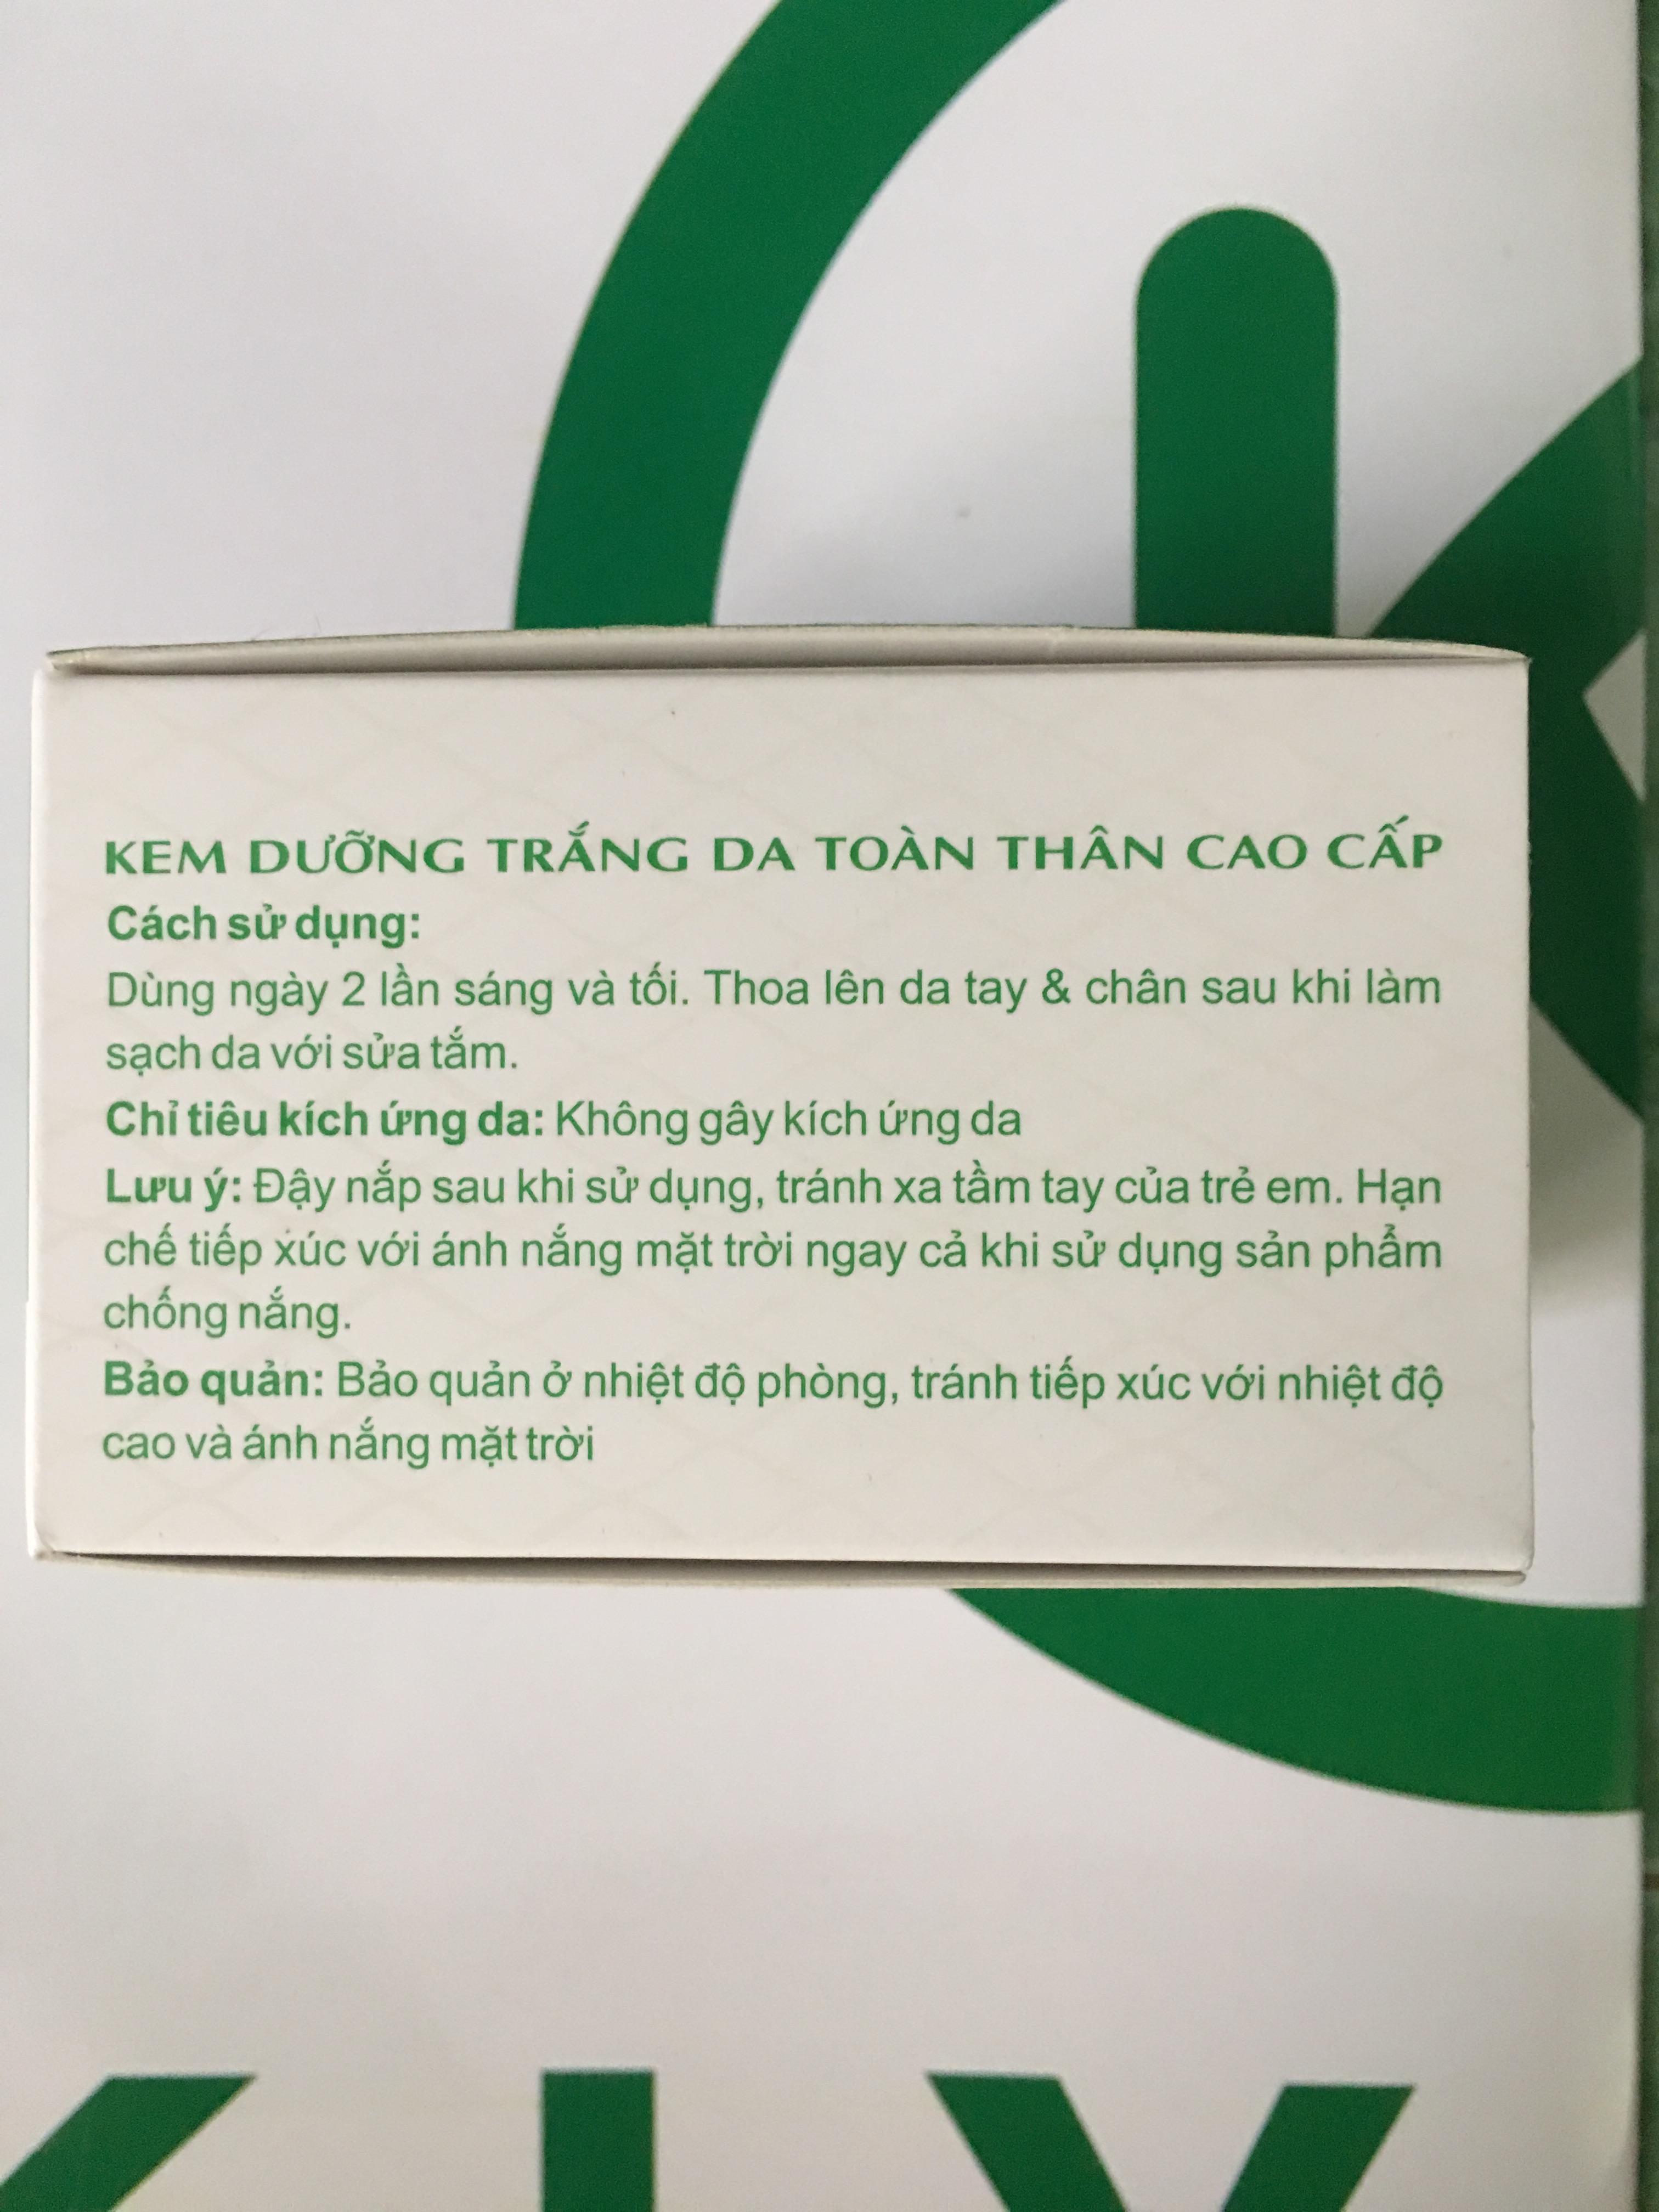 KEM DƯỠNG TRẮNG DA TOÀN THÂN CAO CẤP-KIYOMI-250GR